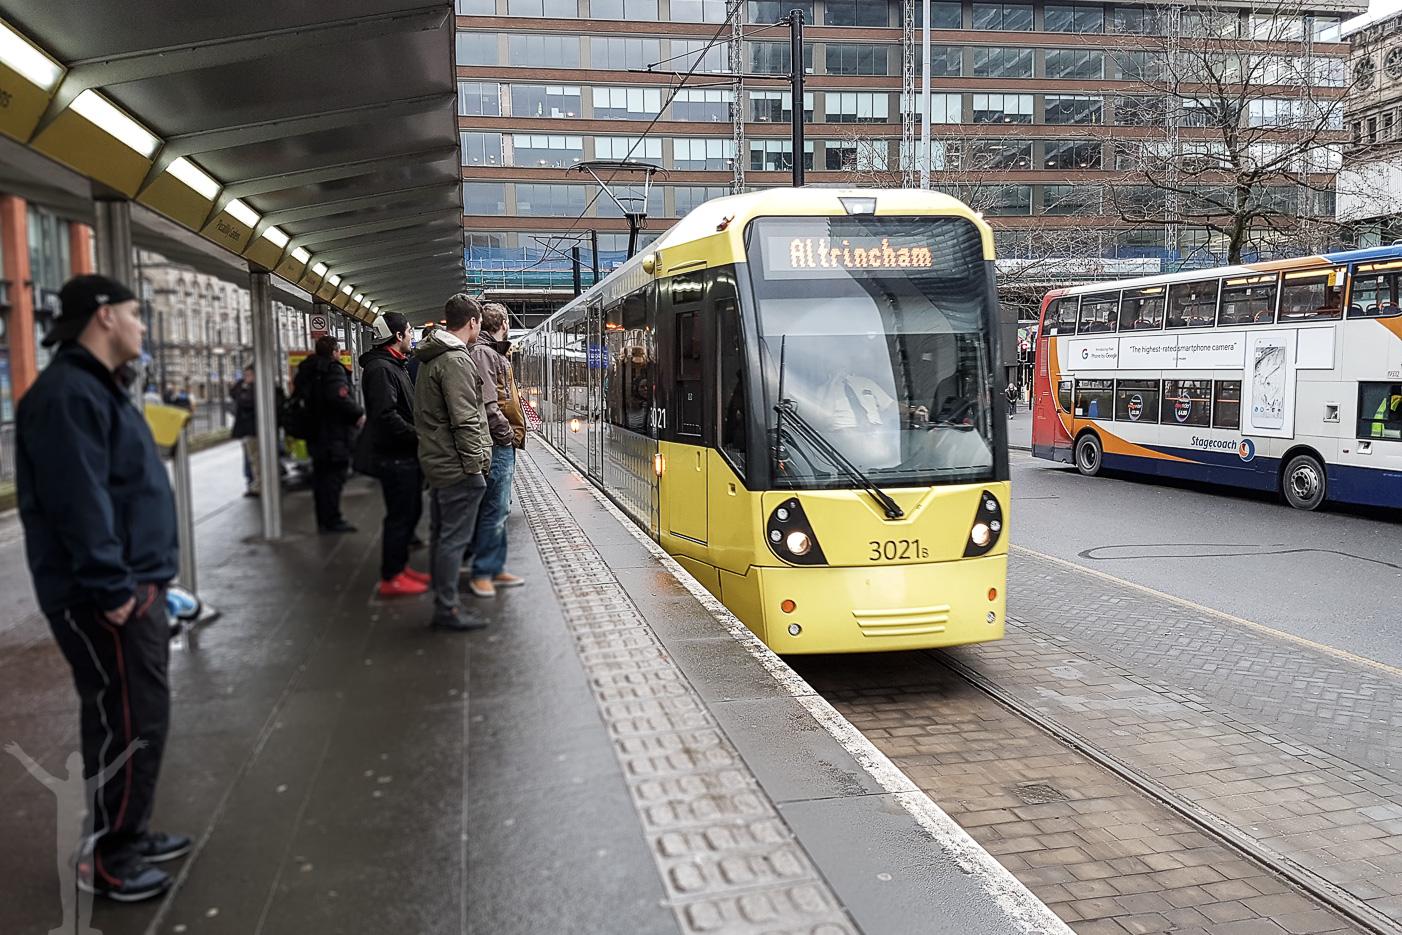 Metrolink i Manchester